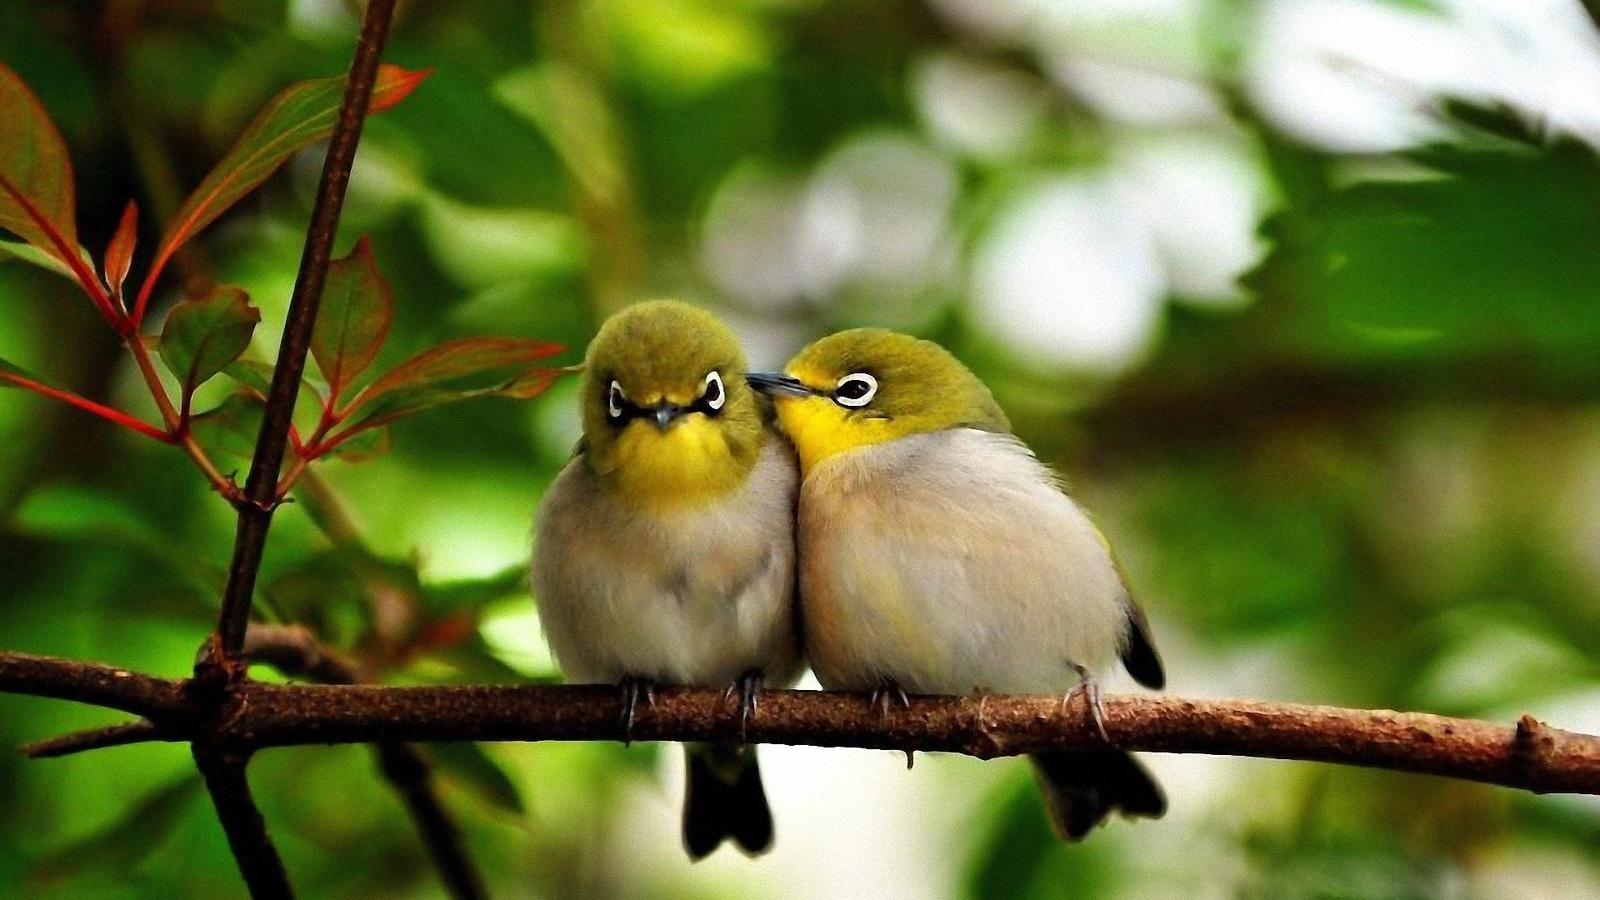 Доброе утро картинки красивые с птицами, тренеру днем рождения